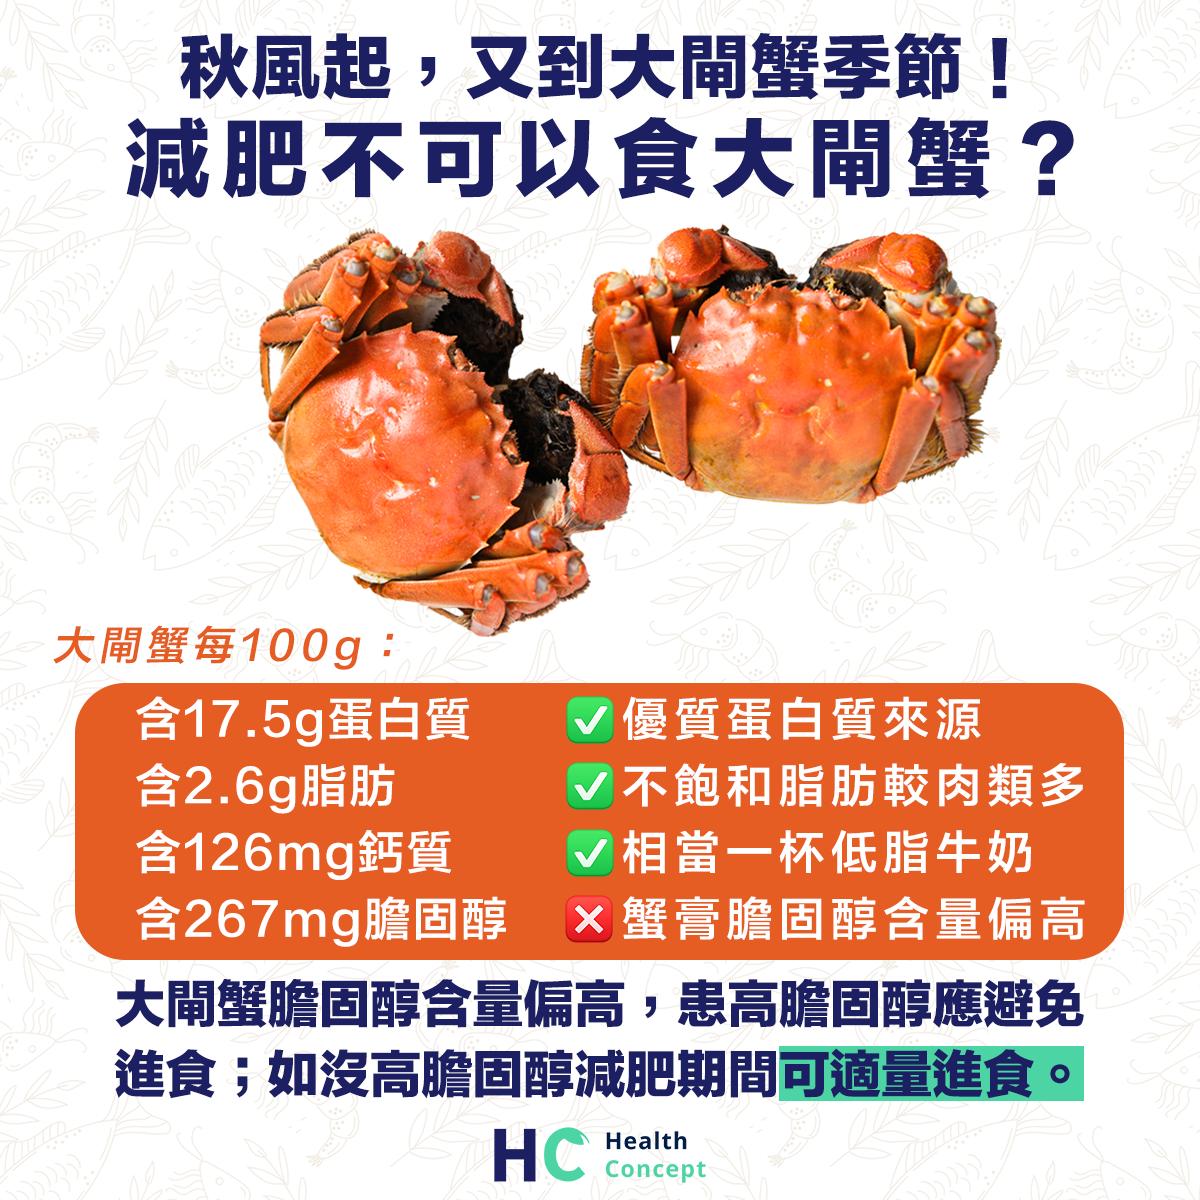 【營養食物】秋風起,又到大閘蟹季節! 減肥不可以食大閘蟹?